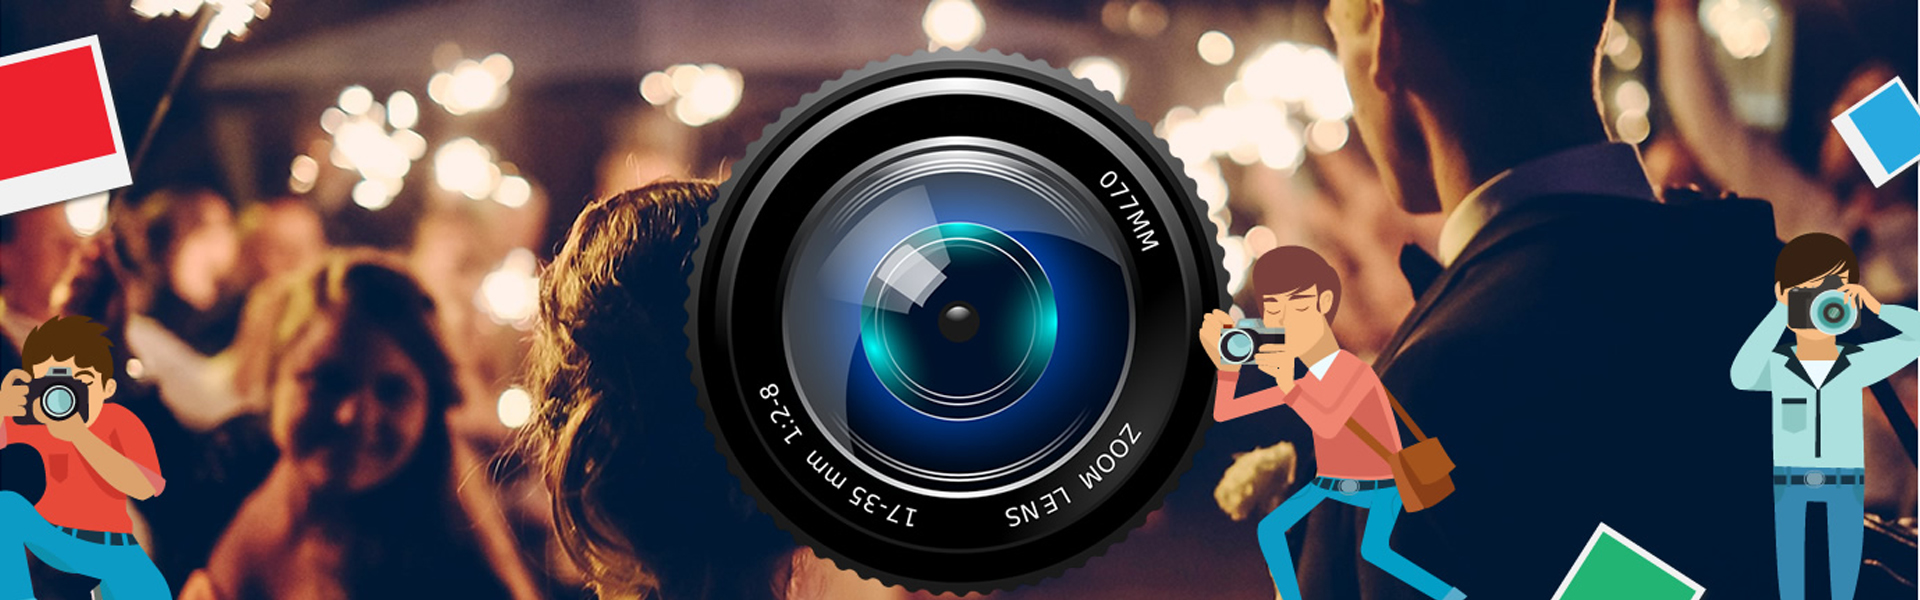 Come creare un concorso fotografico